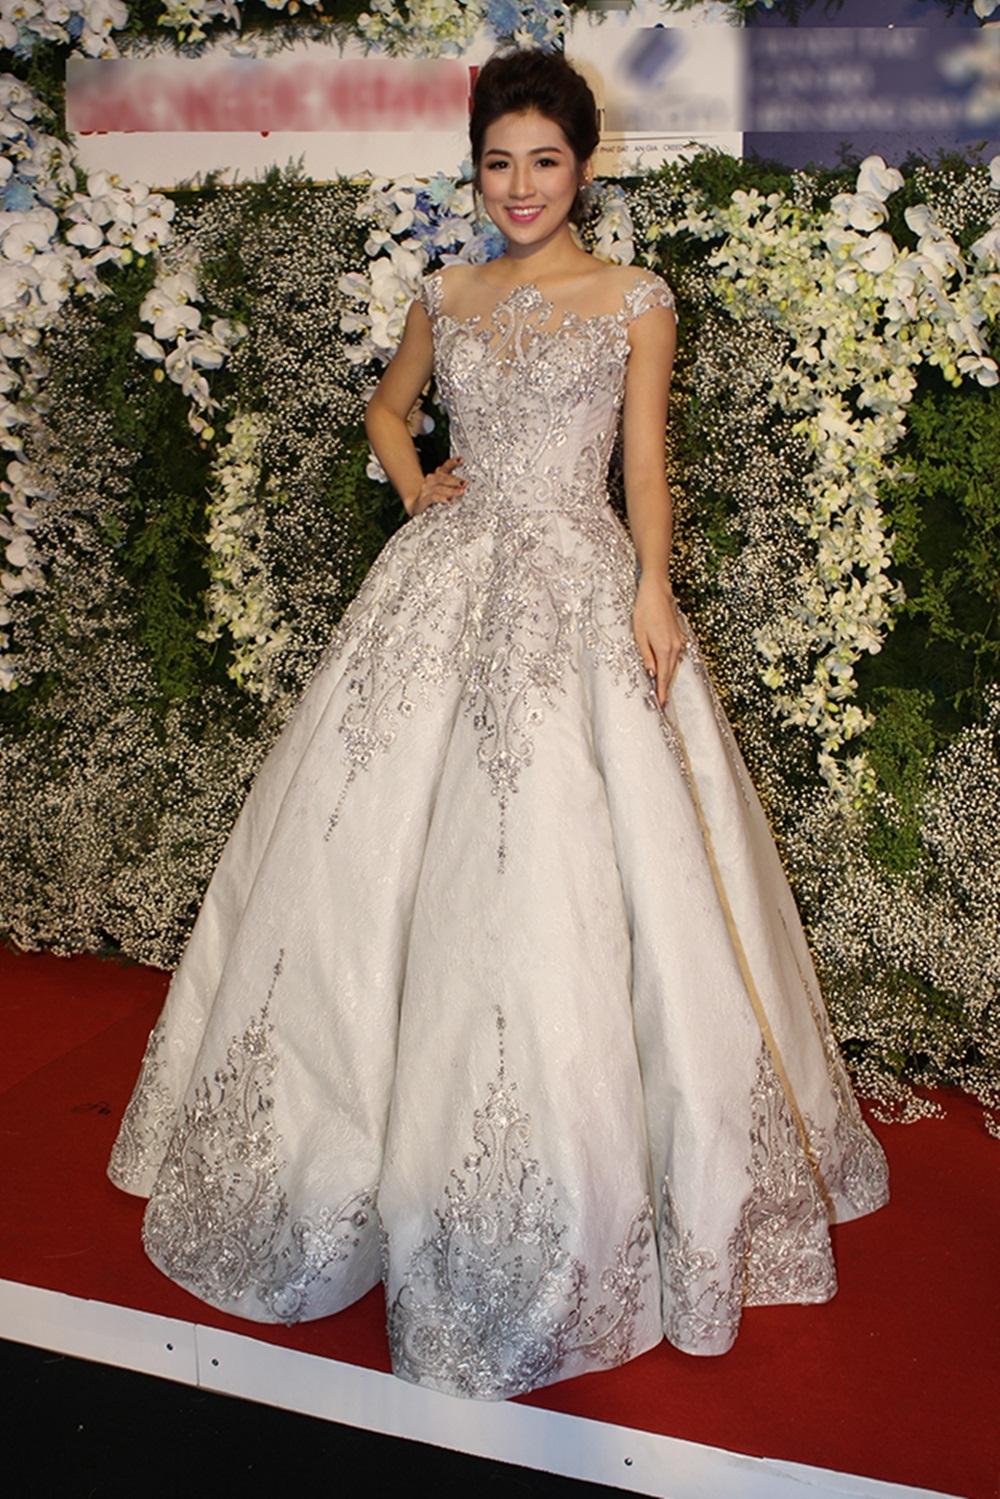 Á hậu Tú Anh tinh khôi trong chiếc váy dạ hội màu trắng. Mới đây cô đã lên sóng trong vai trò MC Bản tin tài chính của Đài Truyền hình Việt Nam. (Ảnh: Minh Thái).